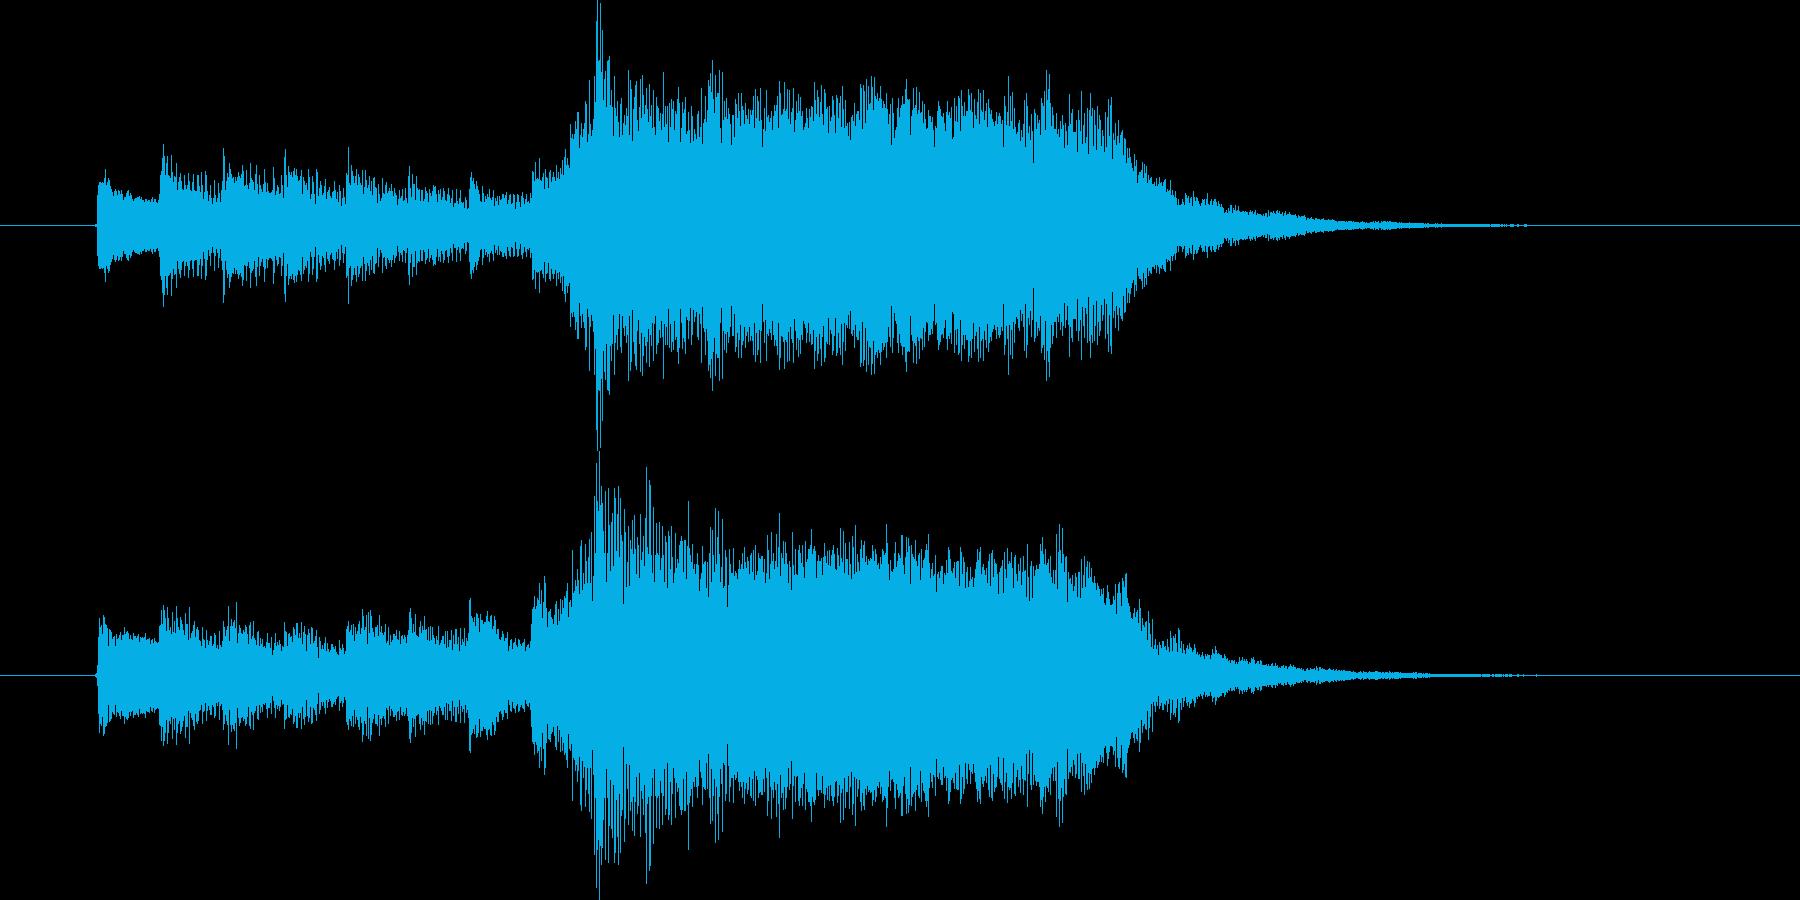 情緒溢れる穏やかなピアノジングルの再生済みの波形